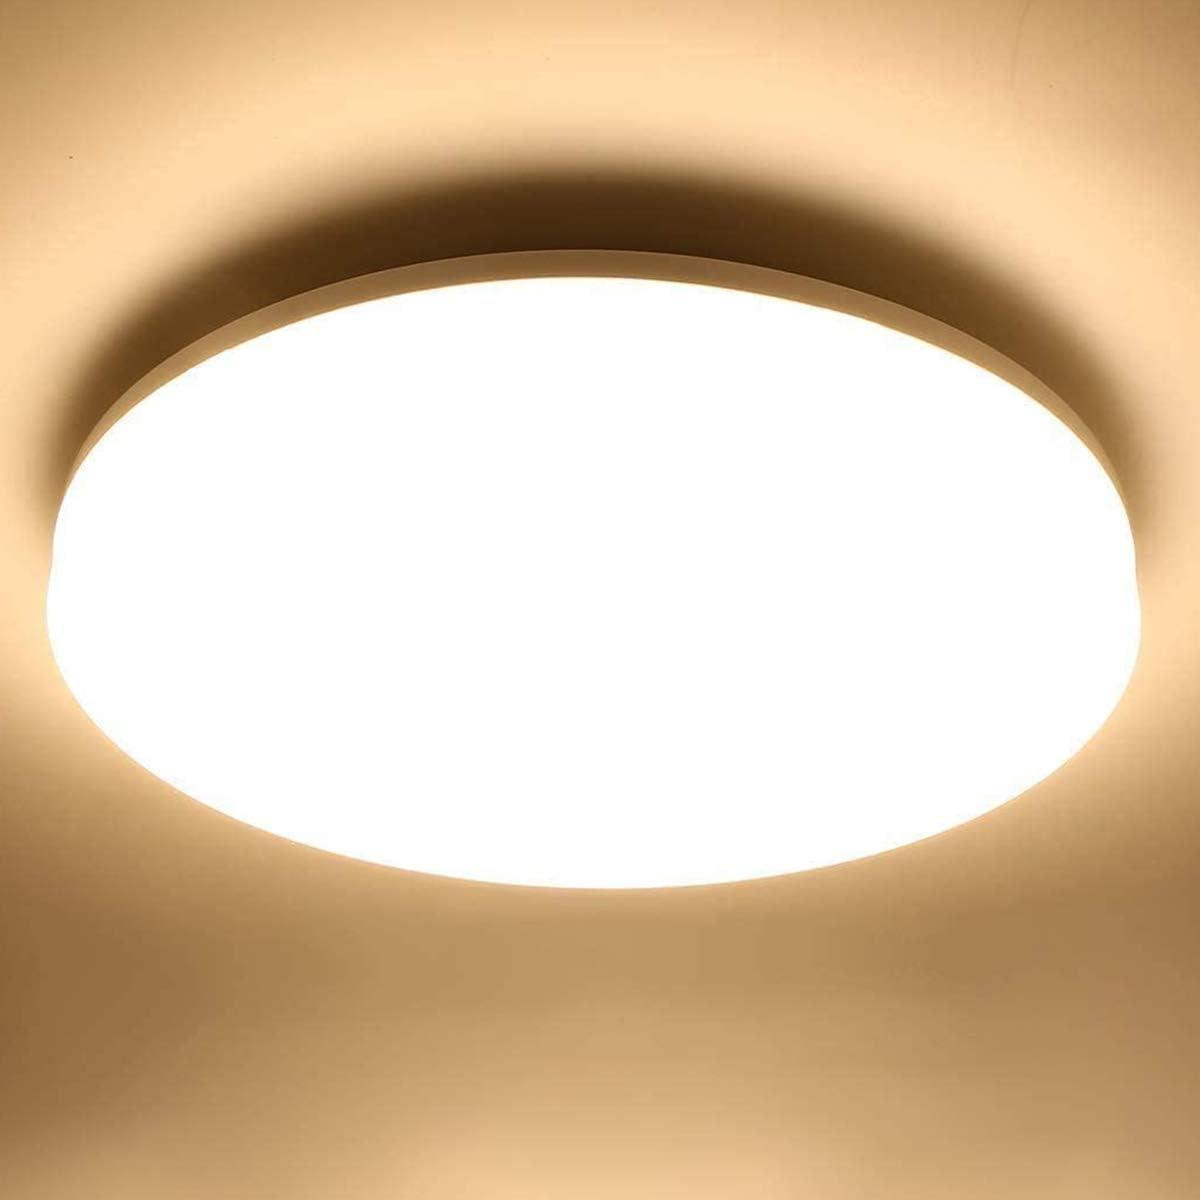 LE 12W Deckenlampe, IP12 Wasserfest Badlampe, 12K LED Deckenleuchte,  1200lm Lampen ideal für Badezimmer Balkon Flur Küche Wohnzimmer, Warmweiß  ...